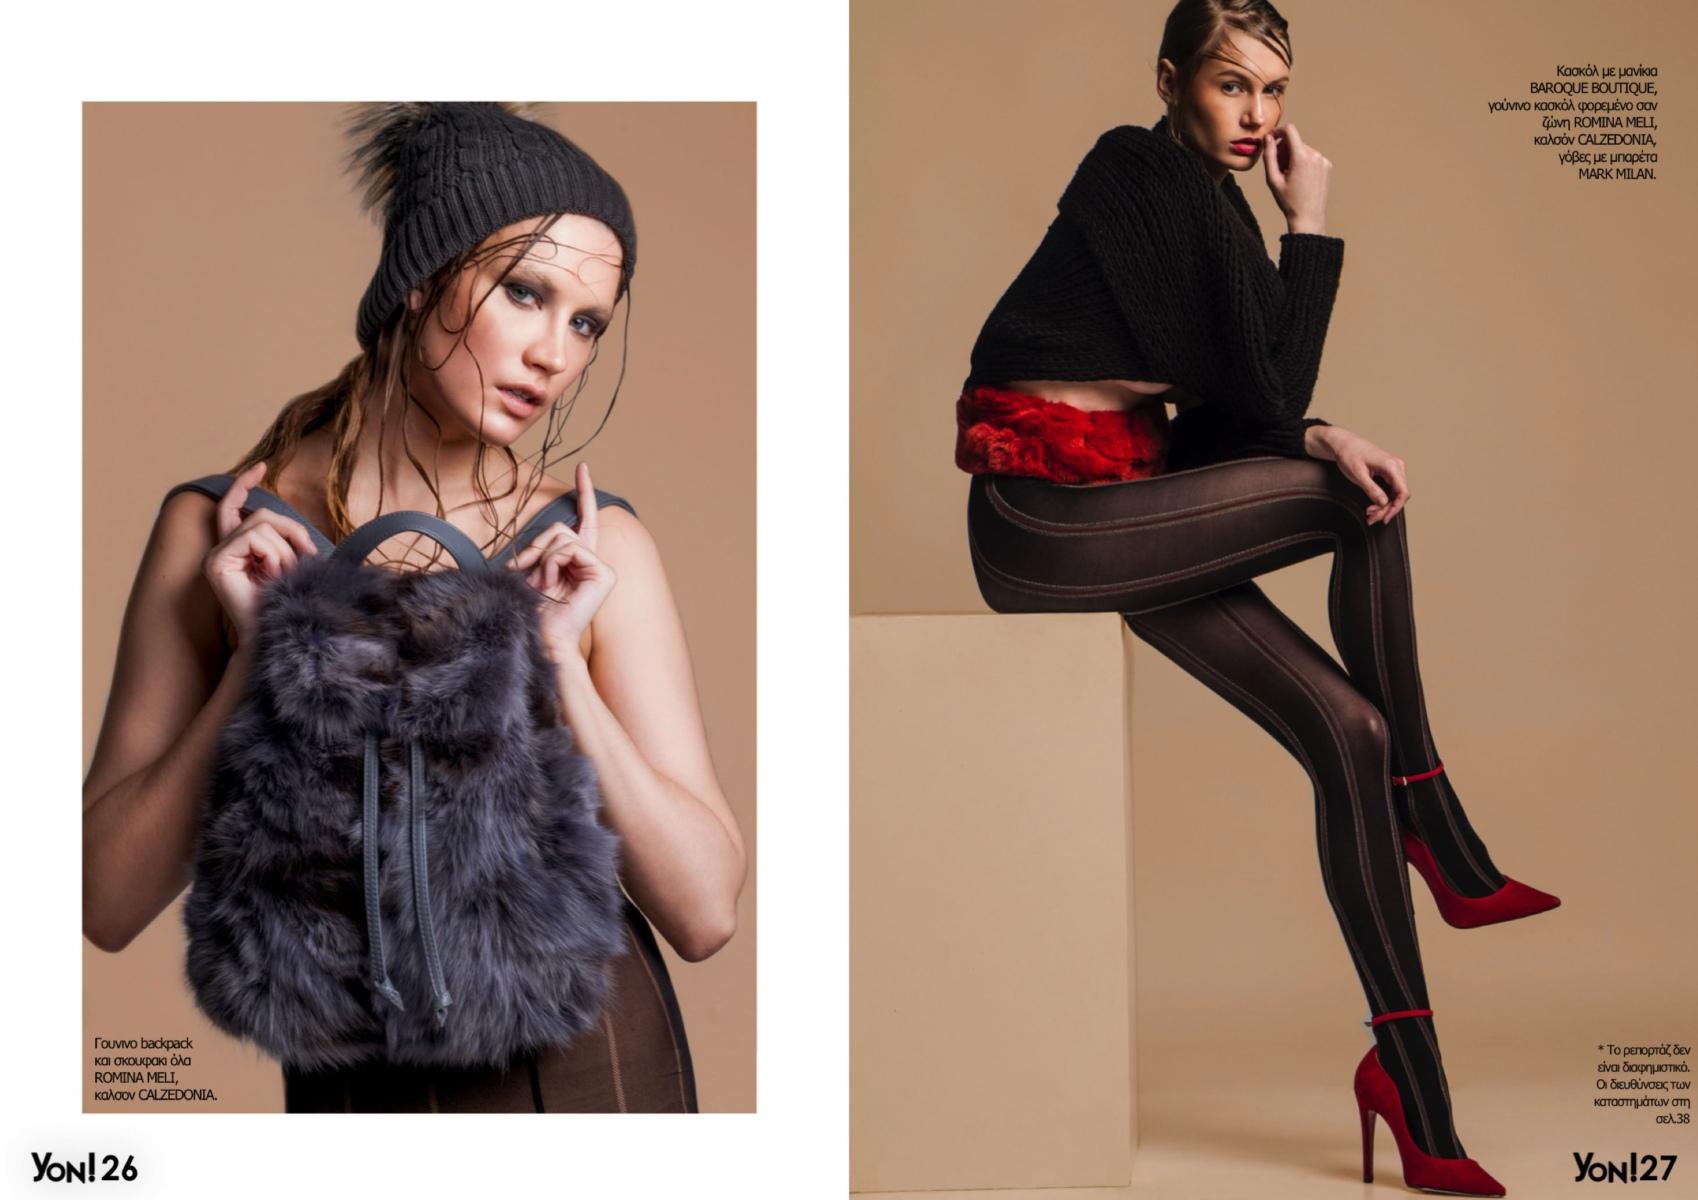 April & Margot for Yon Fashion magazine